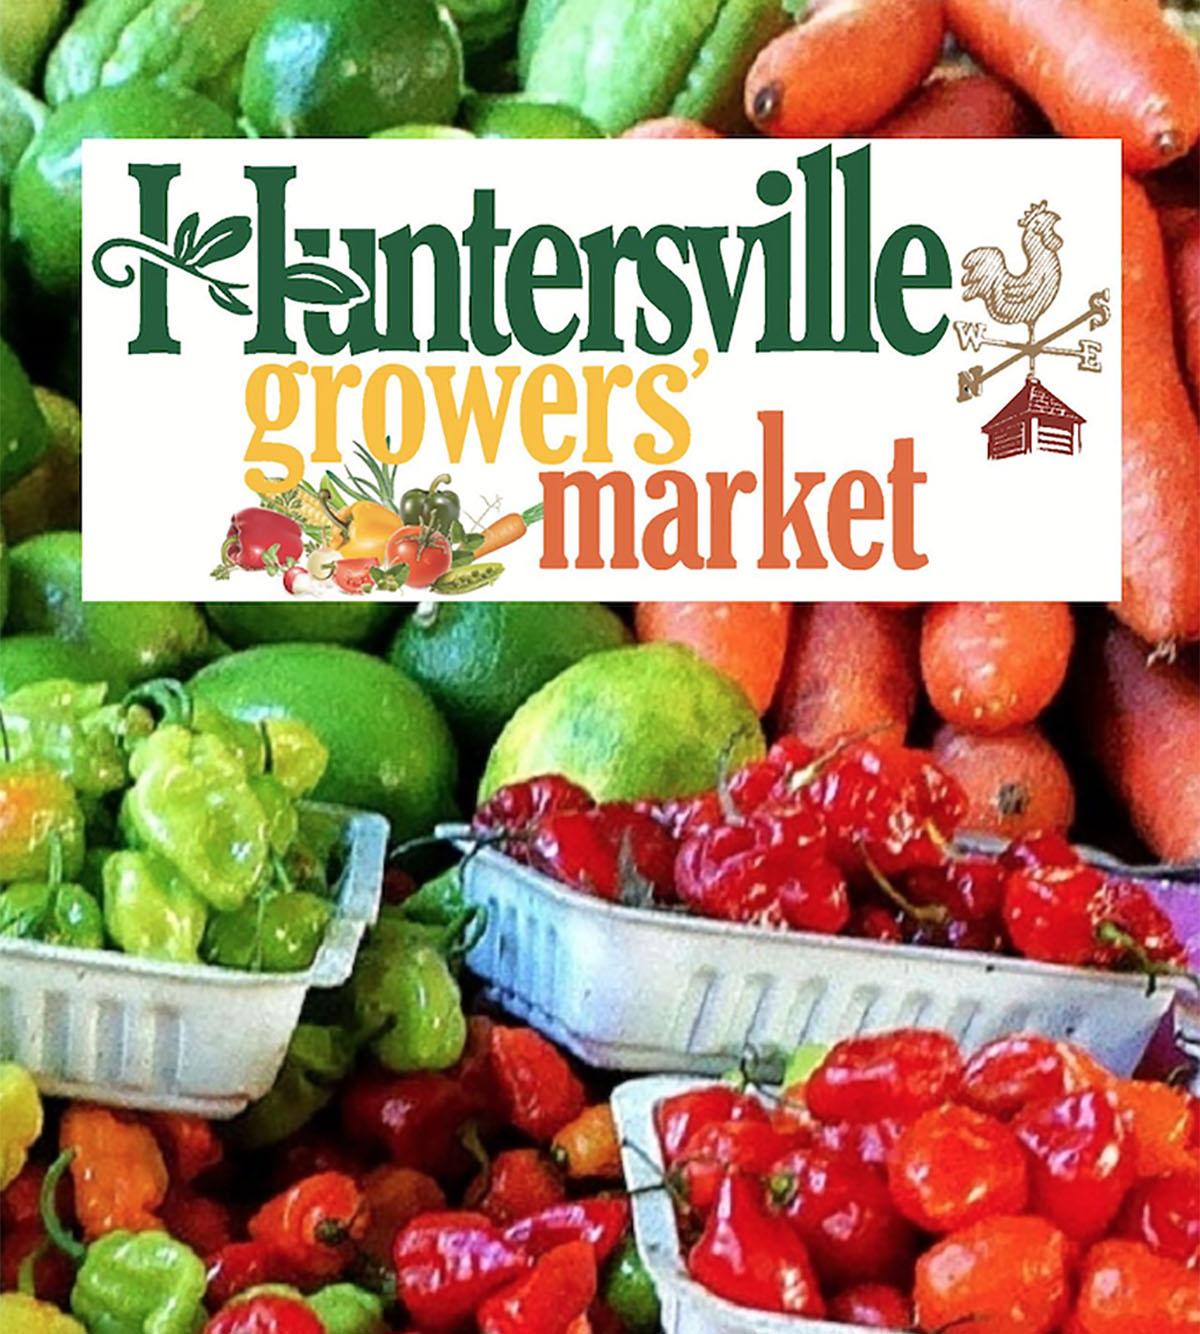 Image Courtesy: Huntersville Growers Market